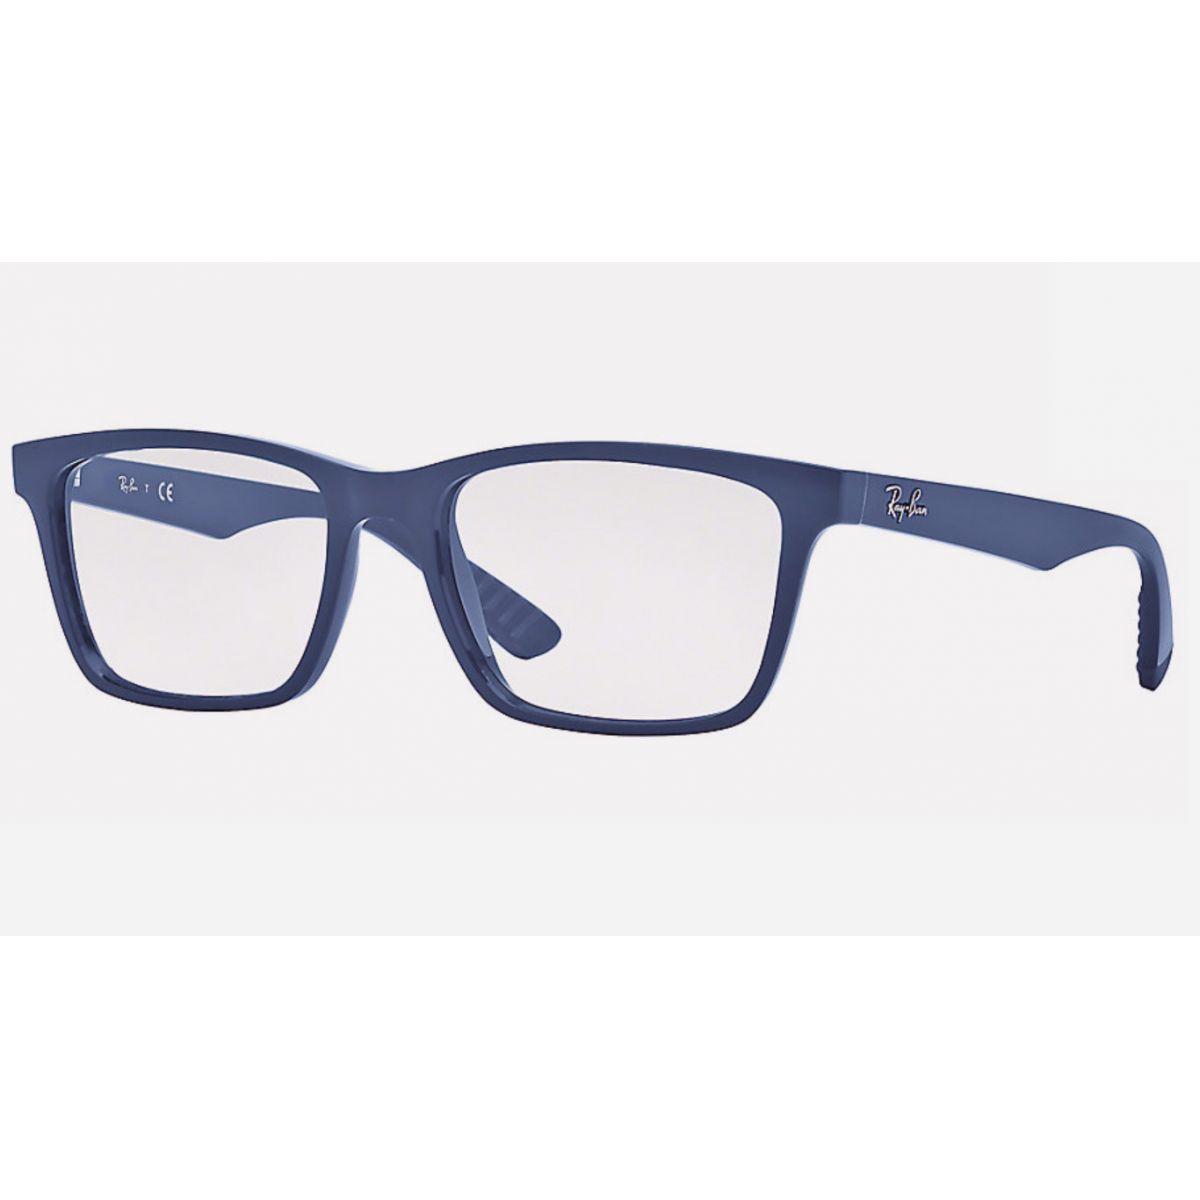 Armação óculos ray ban wayfarer óculos de grau alphatier jpg 1200x1200 Oculos  ray ban 5e281dbe02